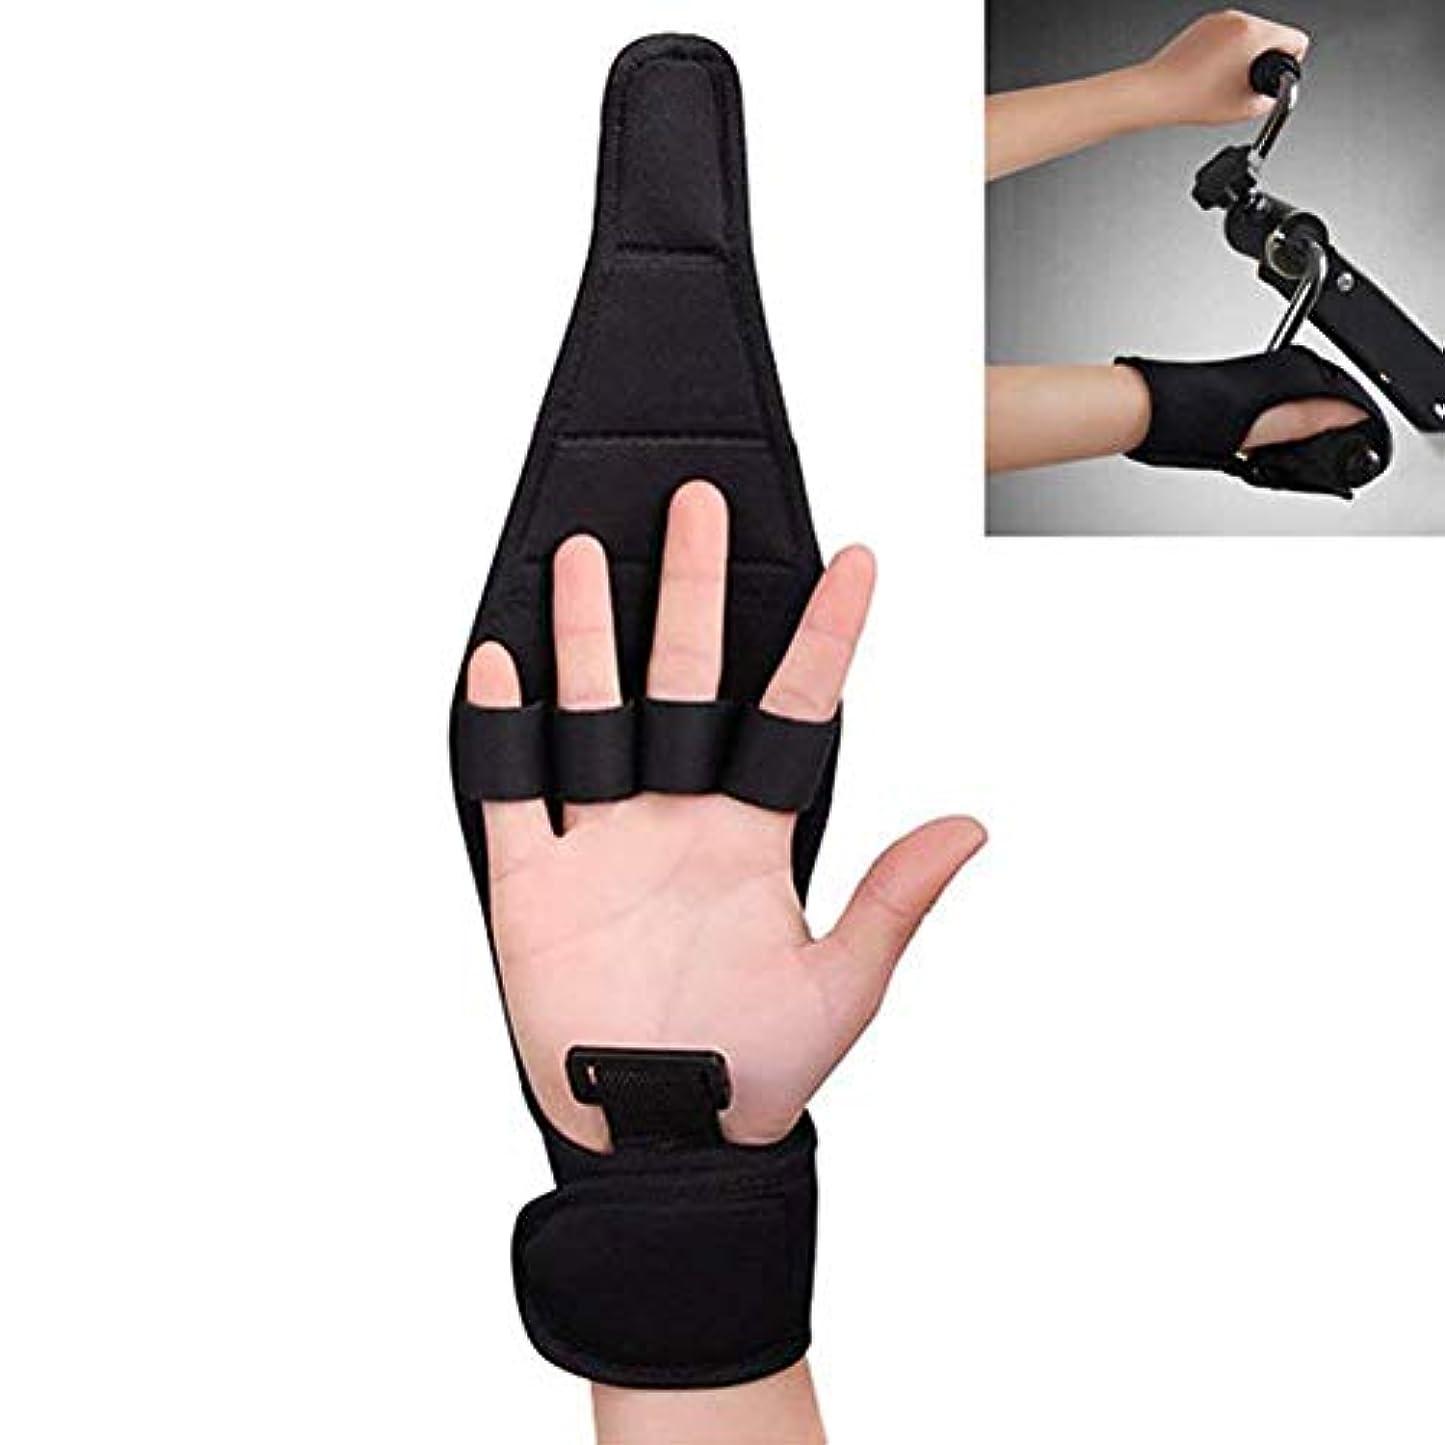 スカリー機械議題トリガーフィンガースプリント、関節炎グローブセパレーターでのトレーニングサポートをサポート手装具手首の怪我リハビリテーショントレーニング,1PCS